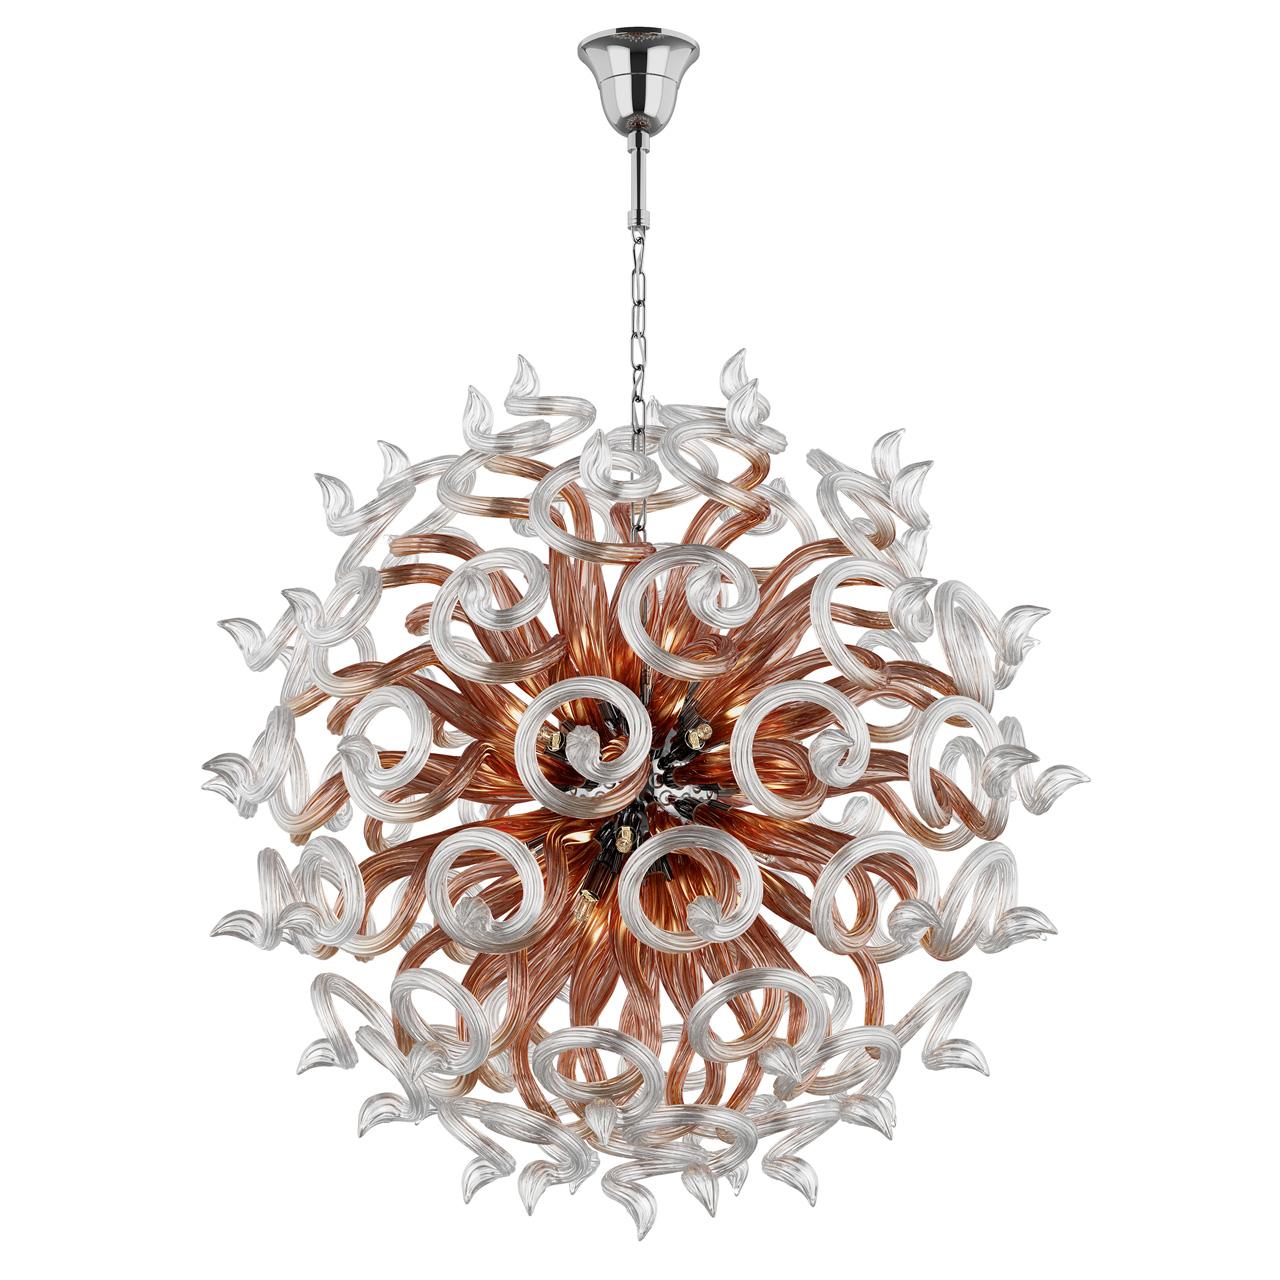 Подвесная люстра Lightstar Medusa 890184 подвесная люстра 890040 lightstar